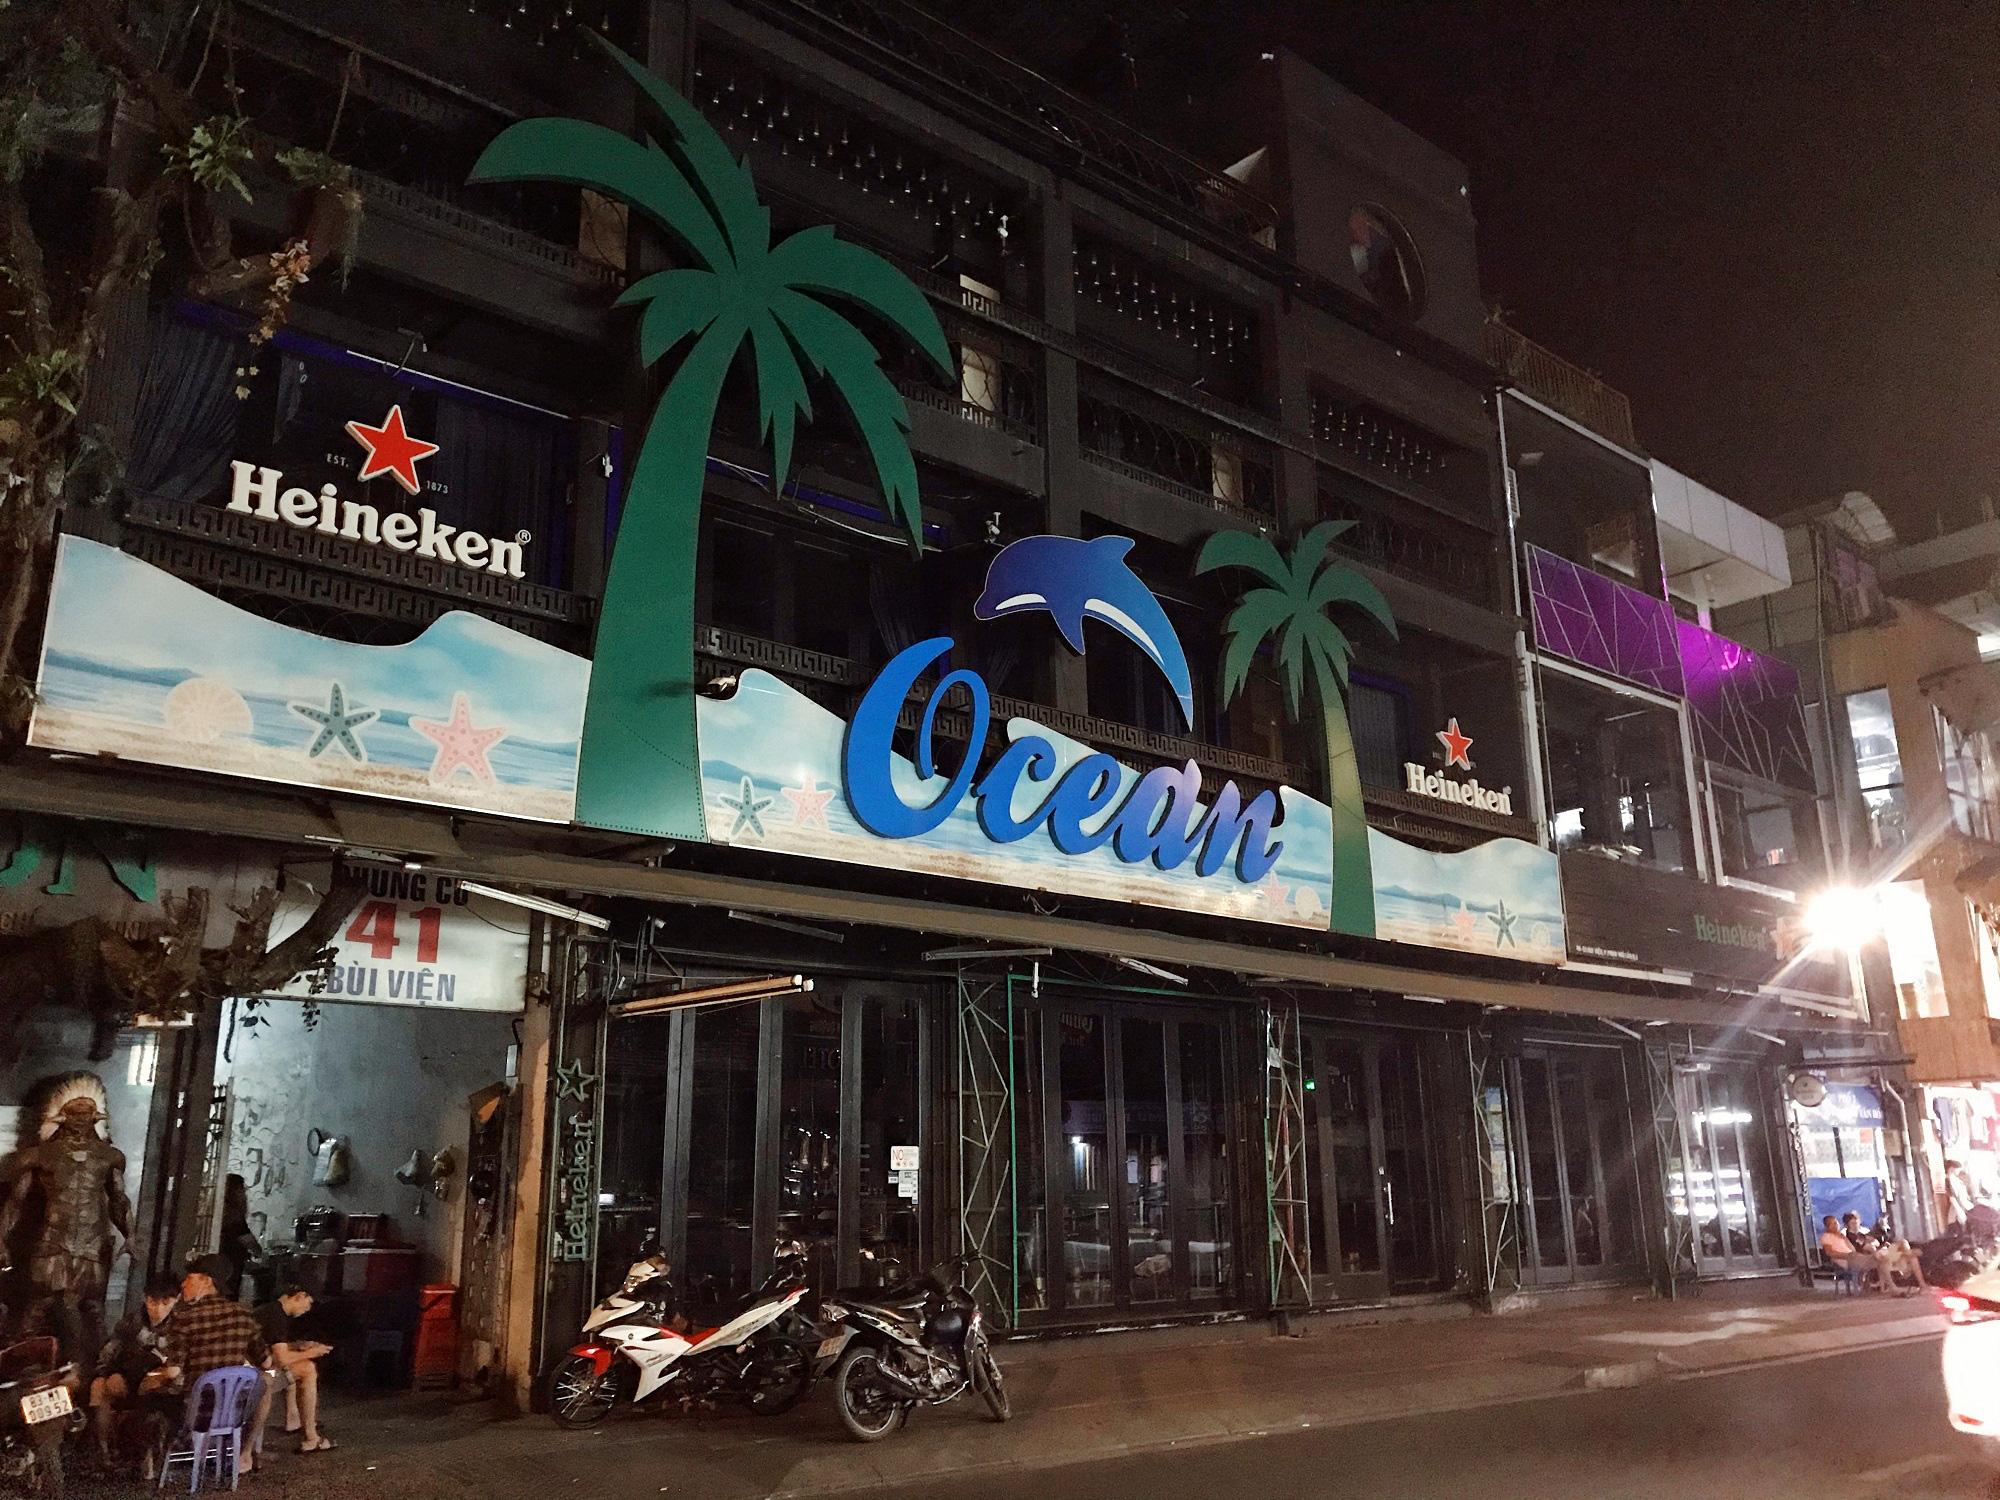 """Sài Gòn 16/3: Các điểm vui chơi, du lịch tham quan tại quận 1 """"vắng lặng"""" giữa mùa dịch Corona - Ảnh 10."""